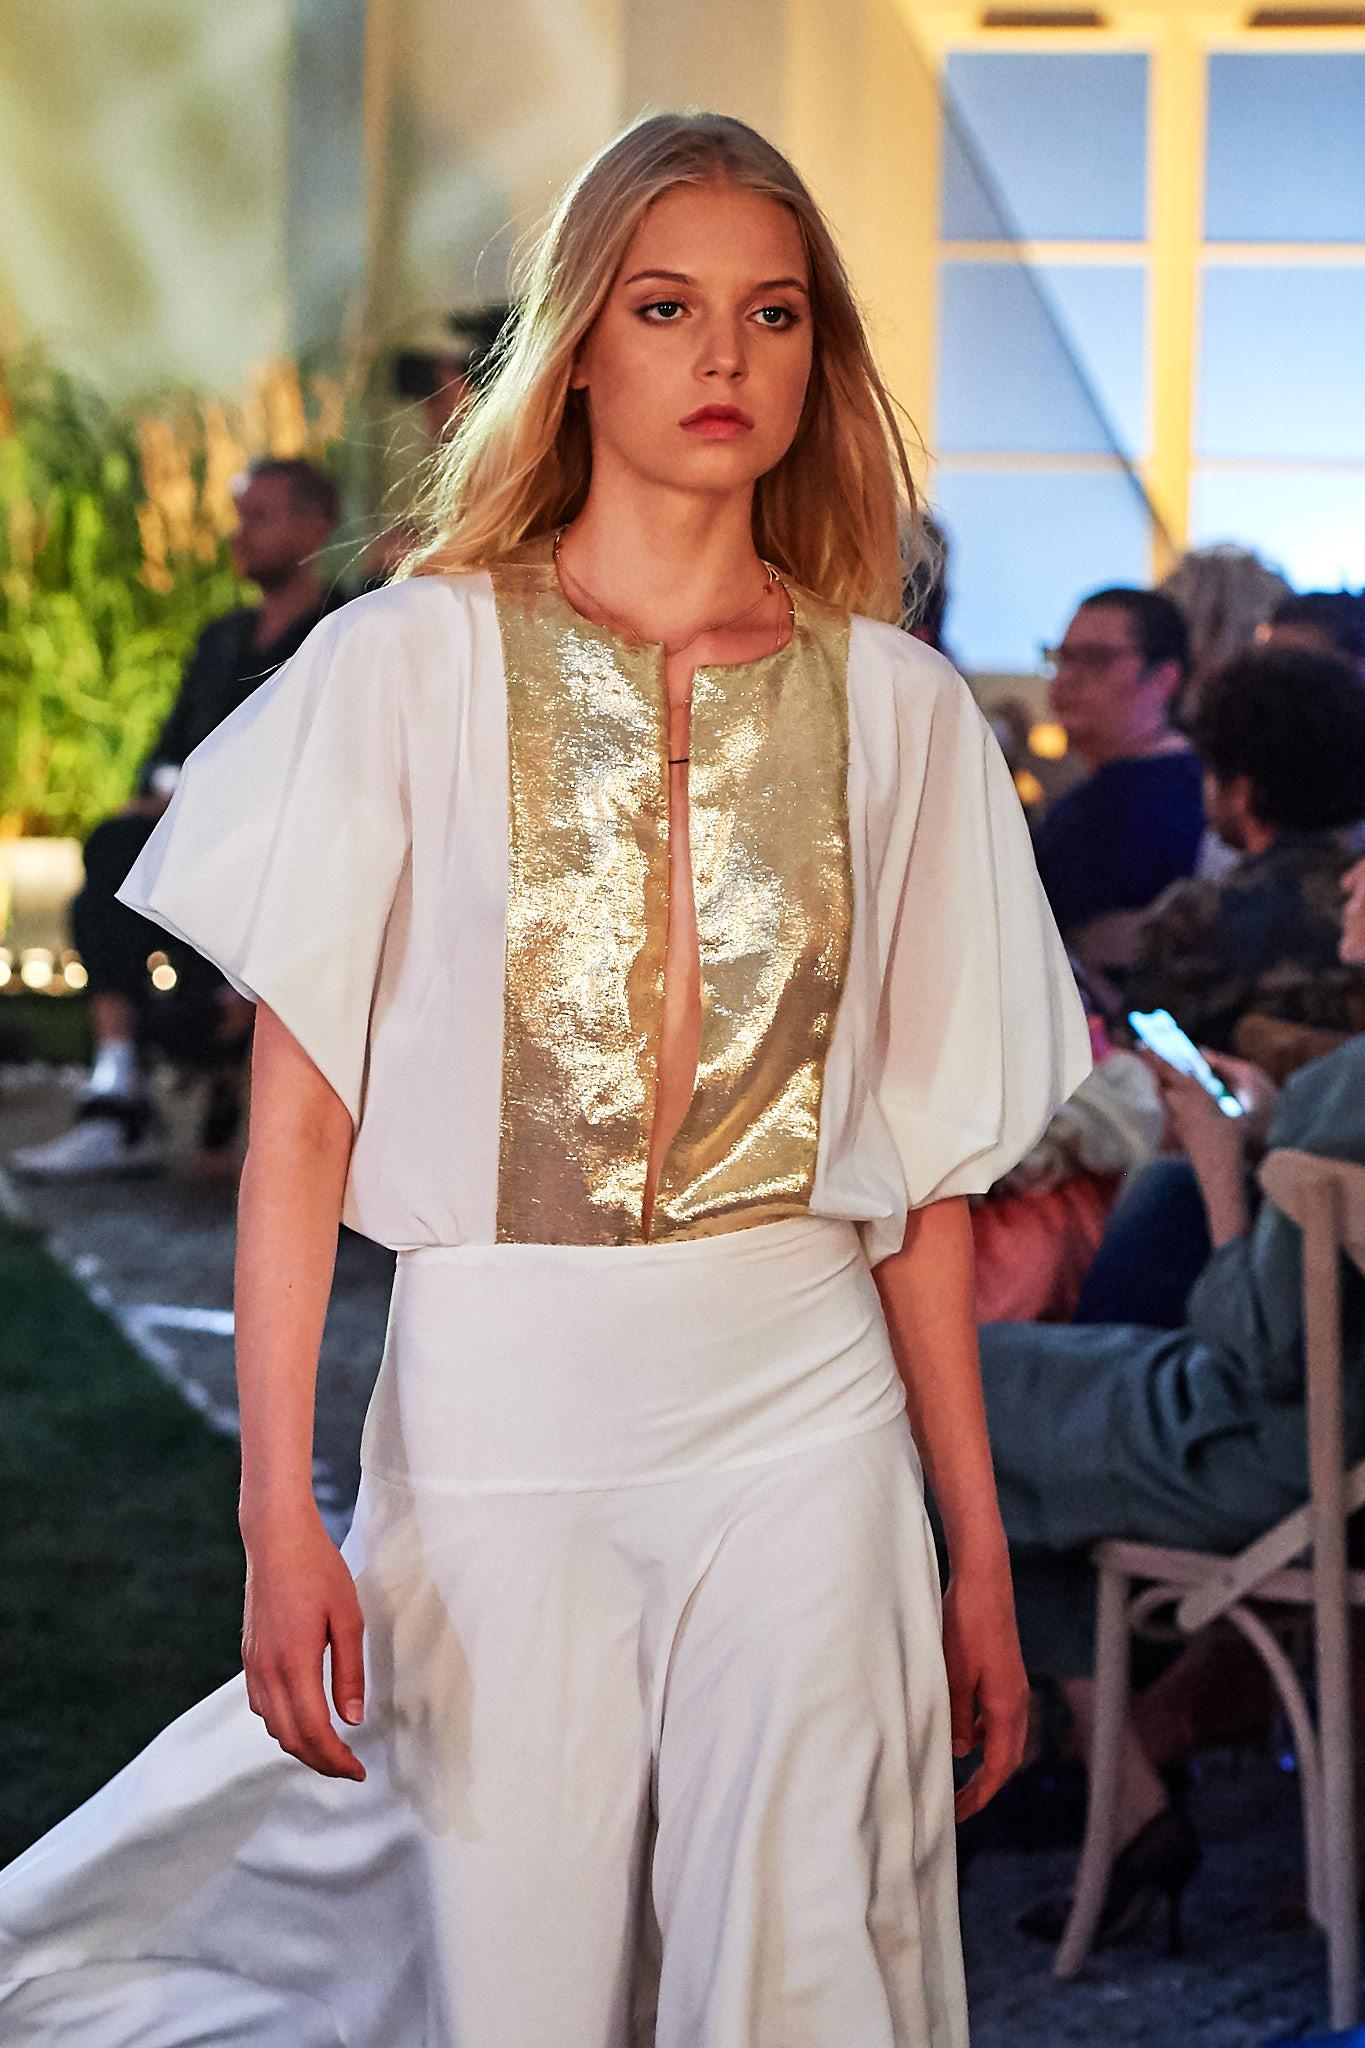 41_MMC-010719-lowres-fotFilipOkopny-FashionImages